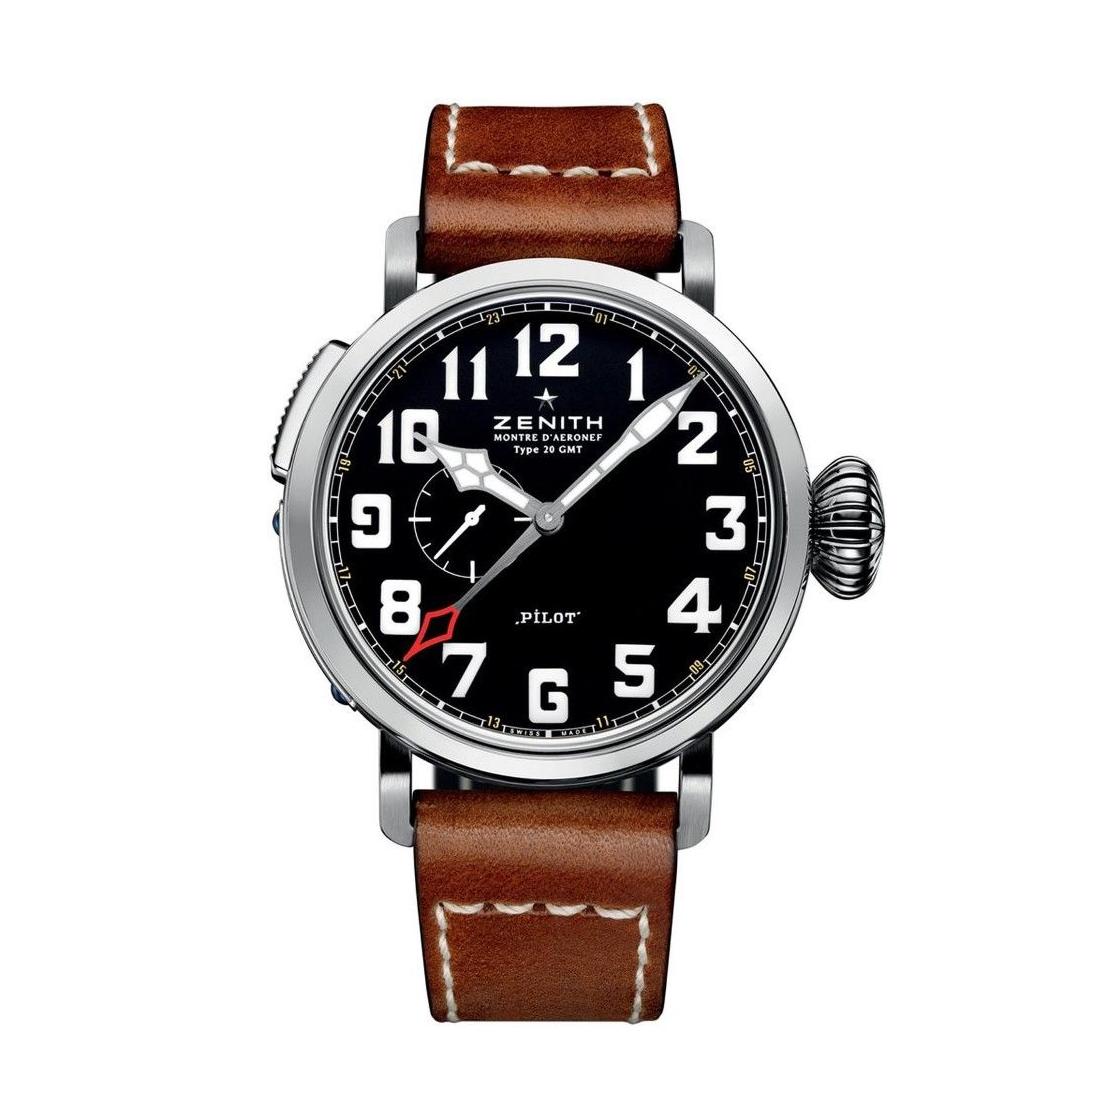 Reloj Zenith – Pilot Type 20 GMT Acciaio - Amaya Joyeros